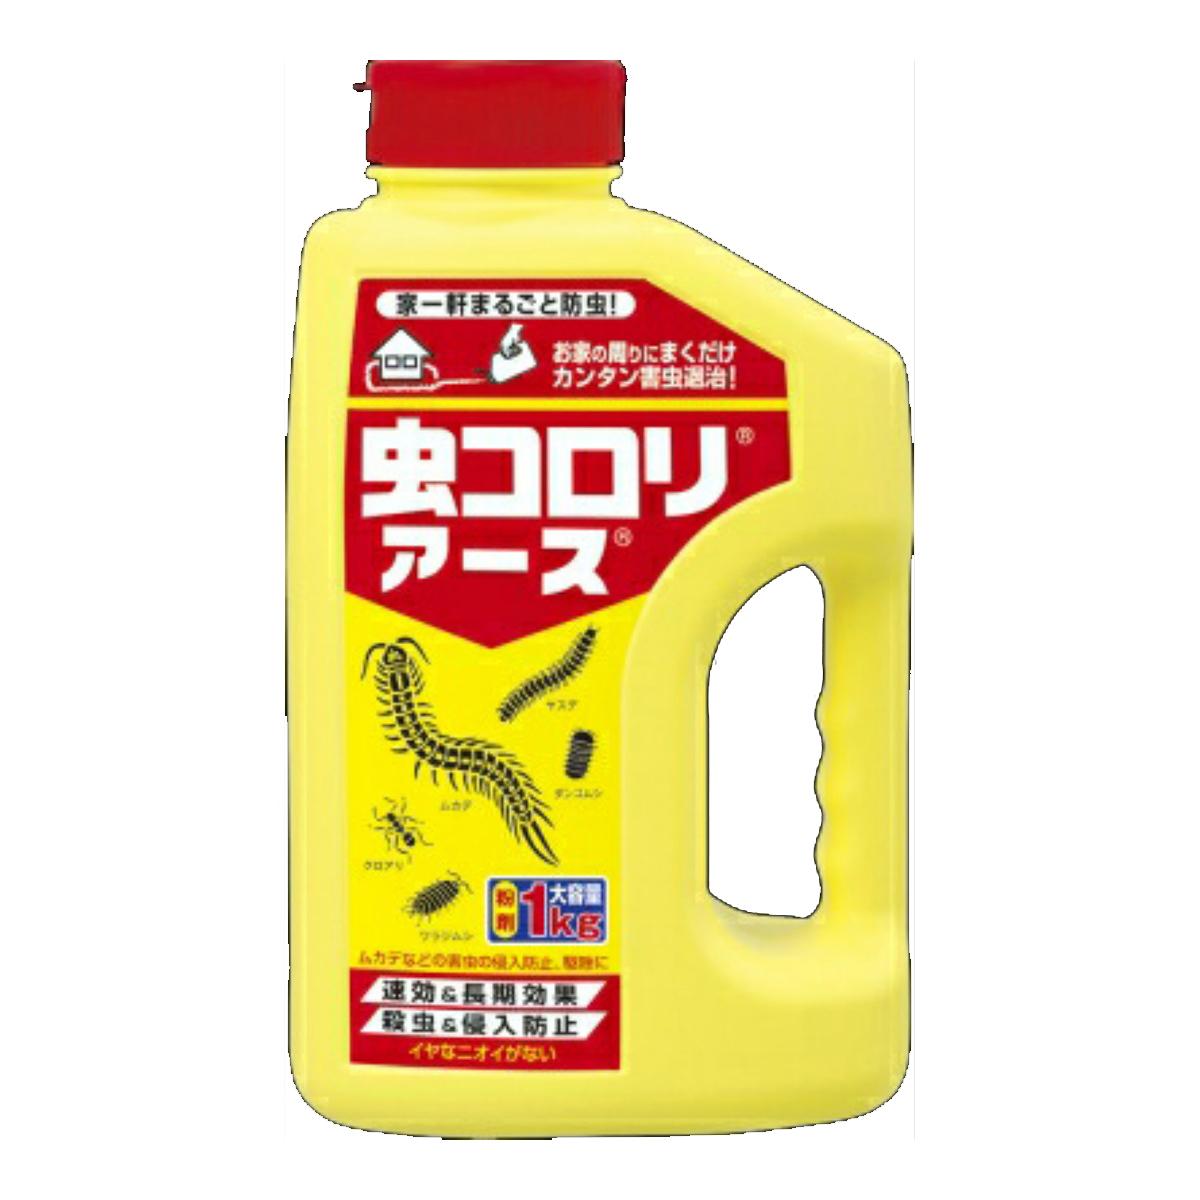 正規品 パウダータイプの害虫忌避剤です ピレスロイド系とカーバメイト系の殺虫剤を使用していますので 不快害虫の殺虫と家屋内への侵入防止にすぐれた効果を発揮し 割り引き 速効性と残 送料込 まとめ買い×2点セット 1kg 虫コロリアース アース製薬 粉剤 パウダータイプの害虫忌避剤 4901080256515